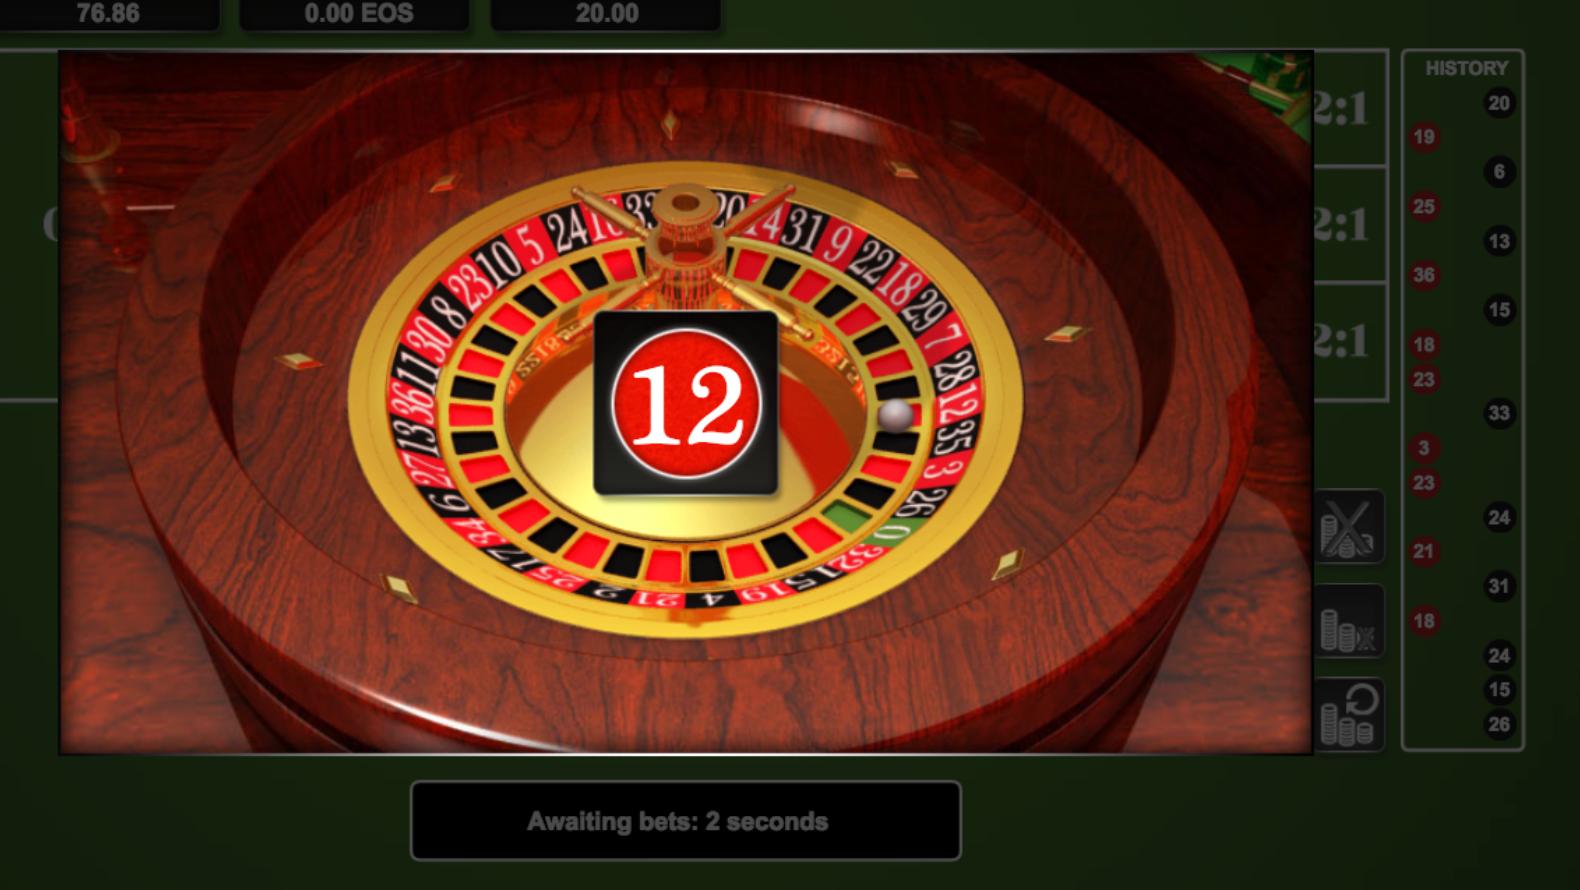 официальный сайт казино фараон онлайн играть в рулетку